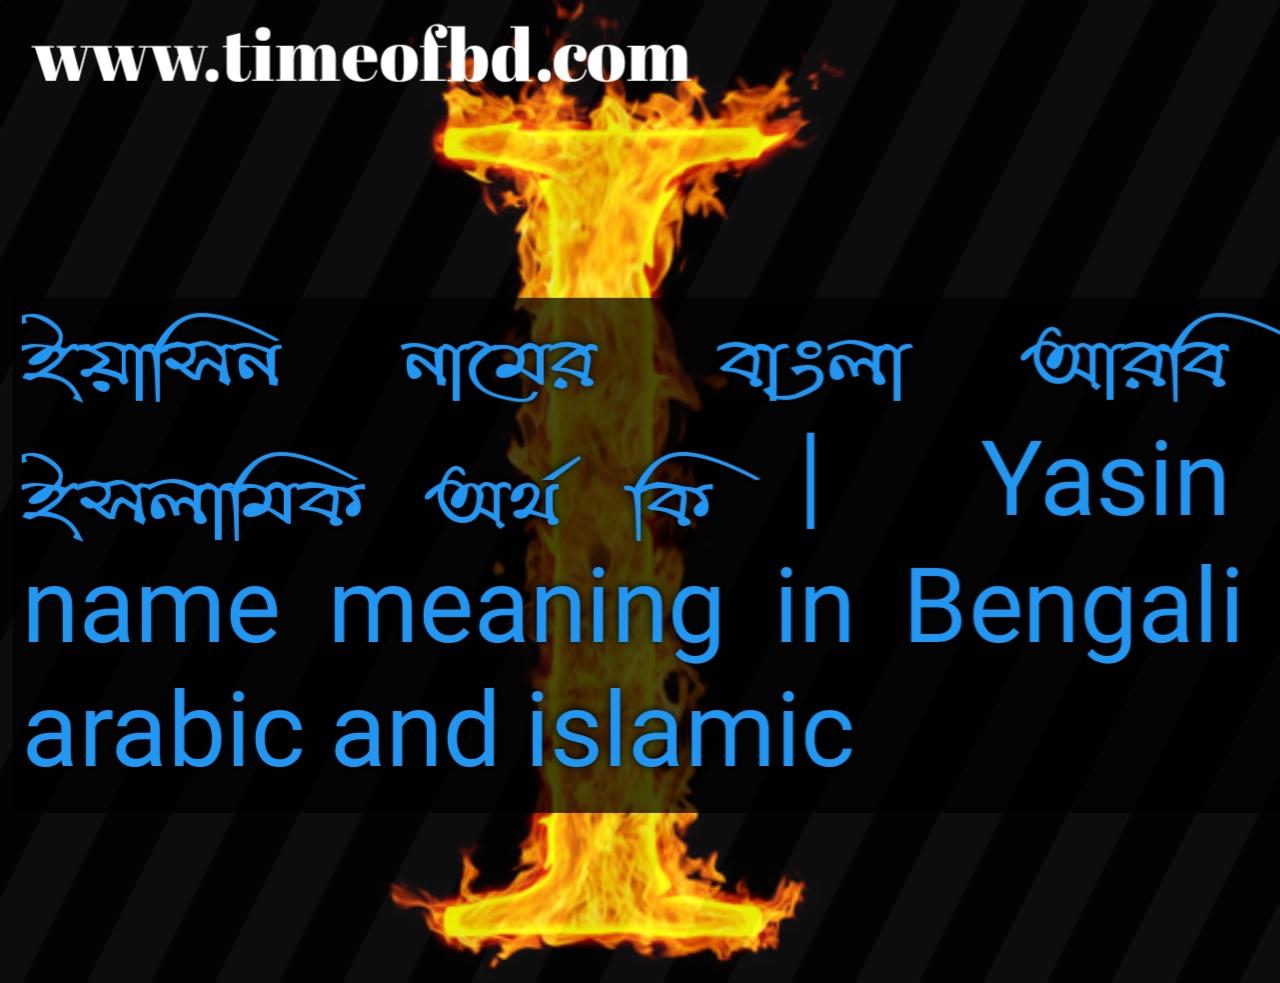 ইয়াসিন নামের অর্থ কি, ইয়াসিন নামের বাংলা অর্থ কি, ইয়াসিন নামের ইসলামিক অর্থ কি, Yasin name in Bengali, ইয়াসিন কি ইসলামিক নাম,